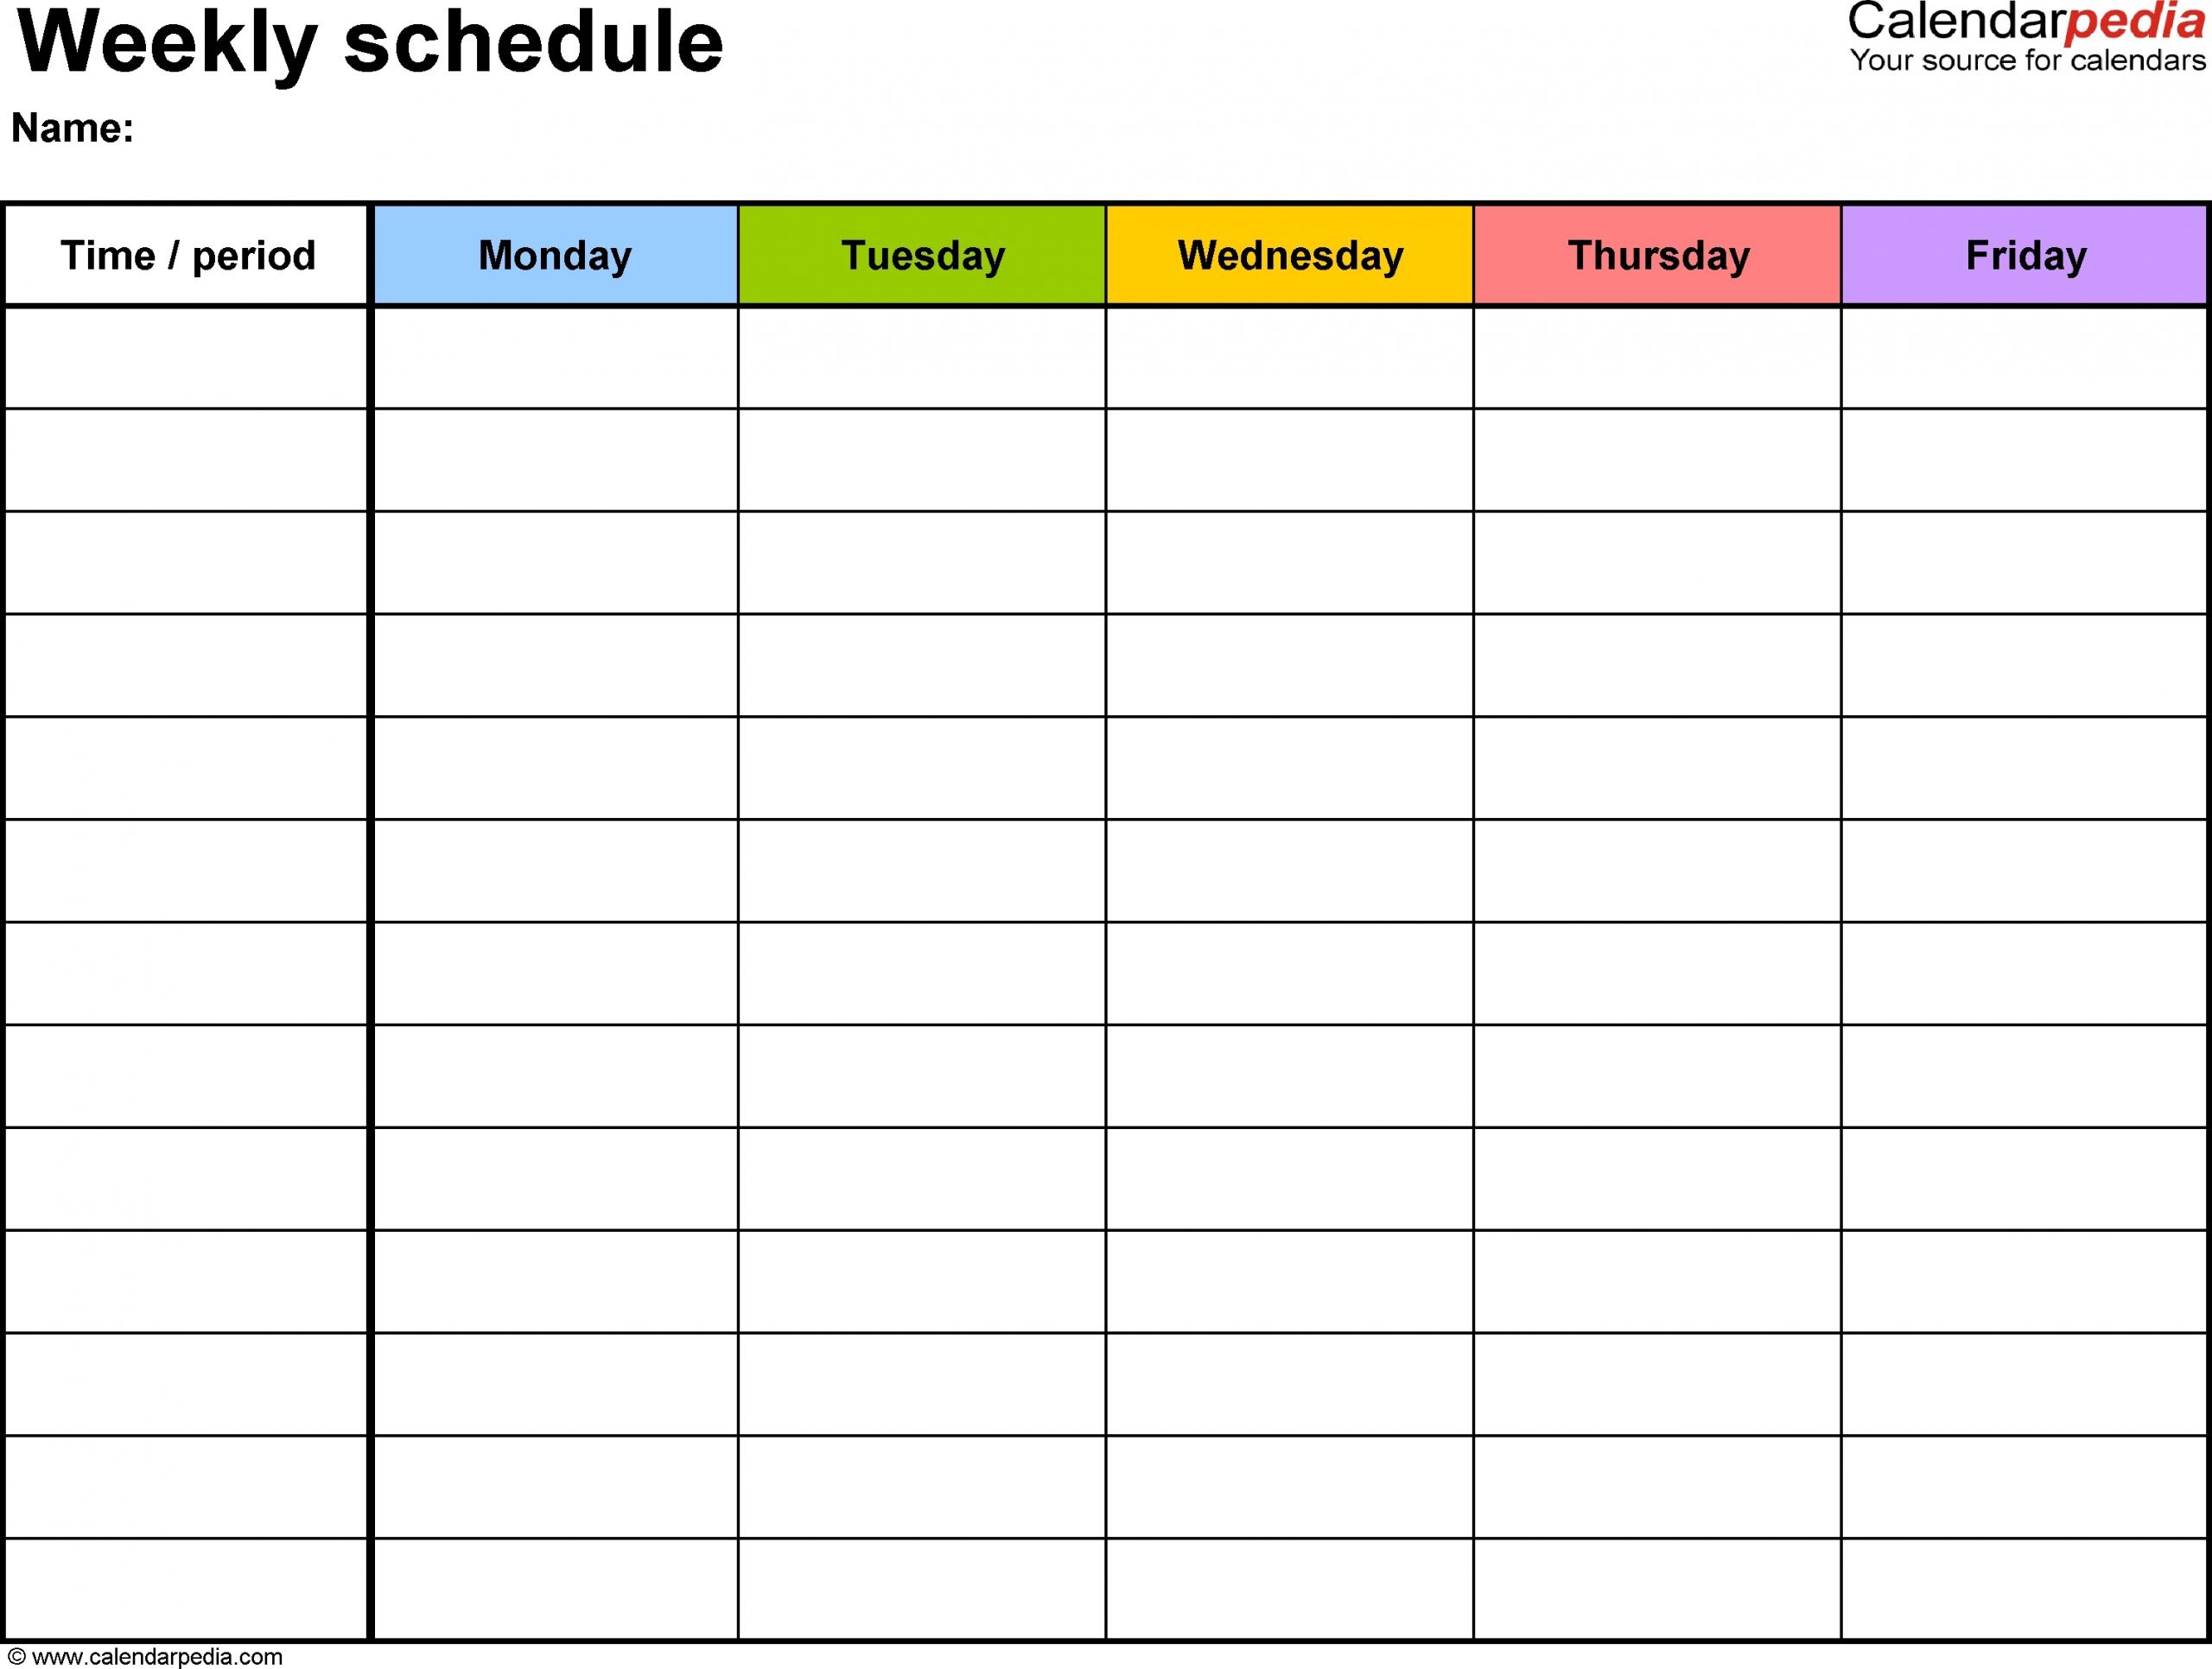 Pdf Daily Calendar With Time Slots - Calendar Inspiration Design